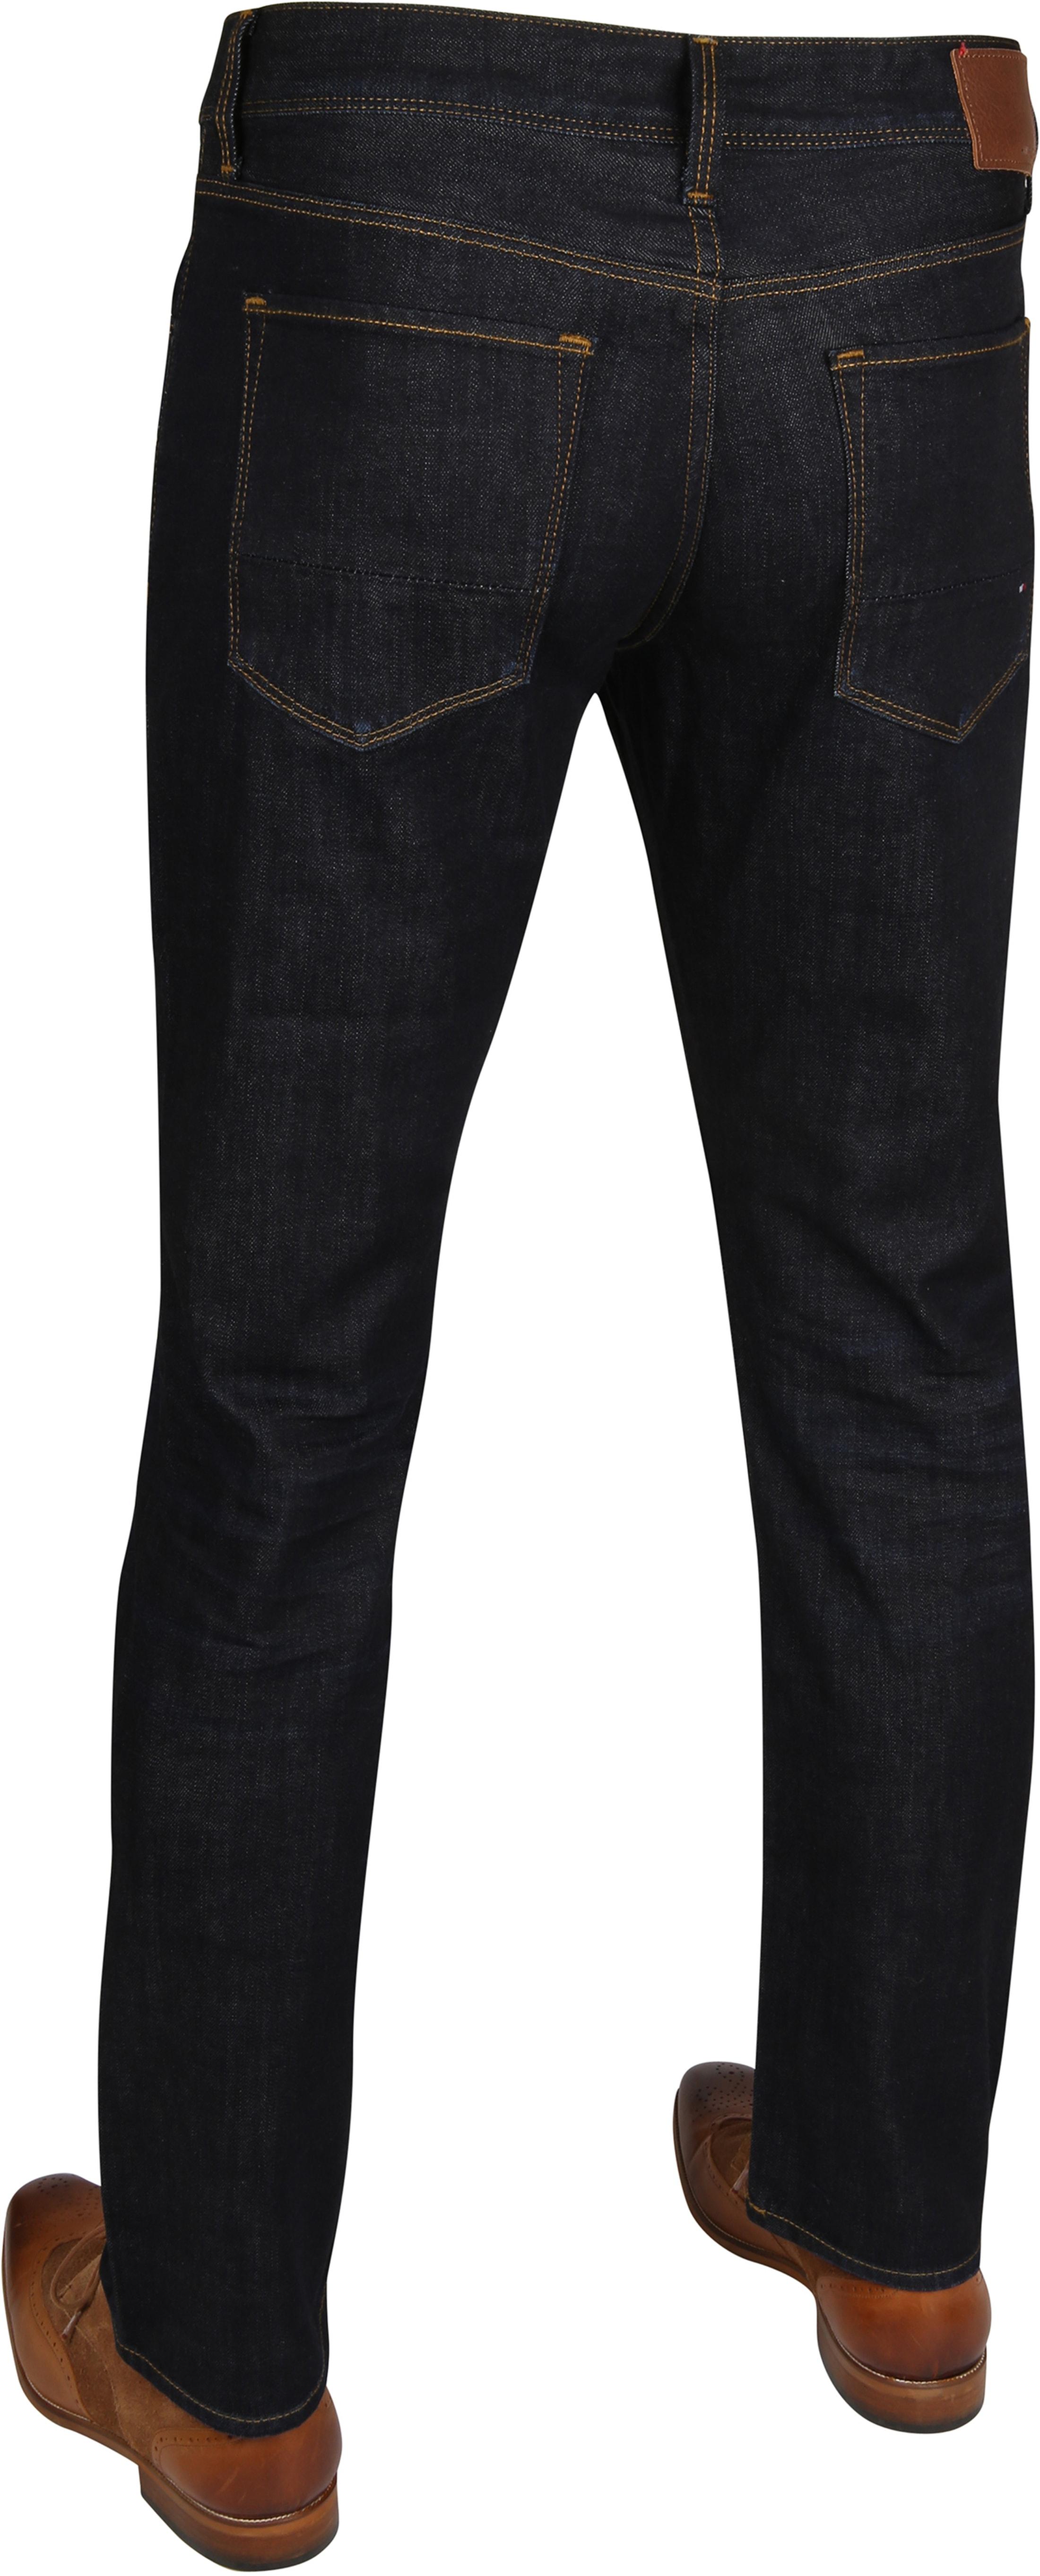 Tommy Hilfiger Mercer Jeans Navy foto 2